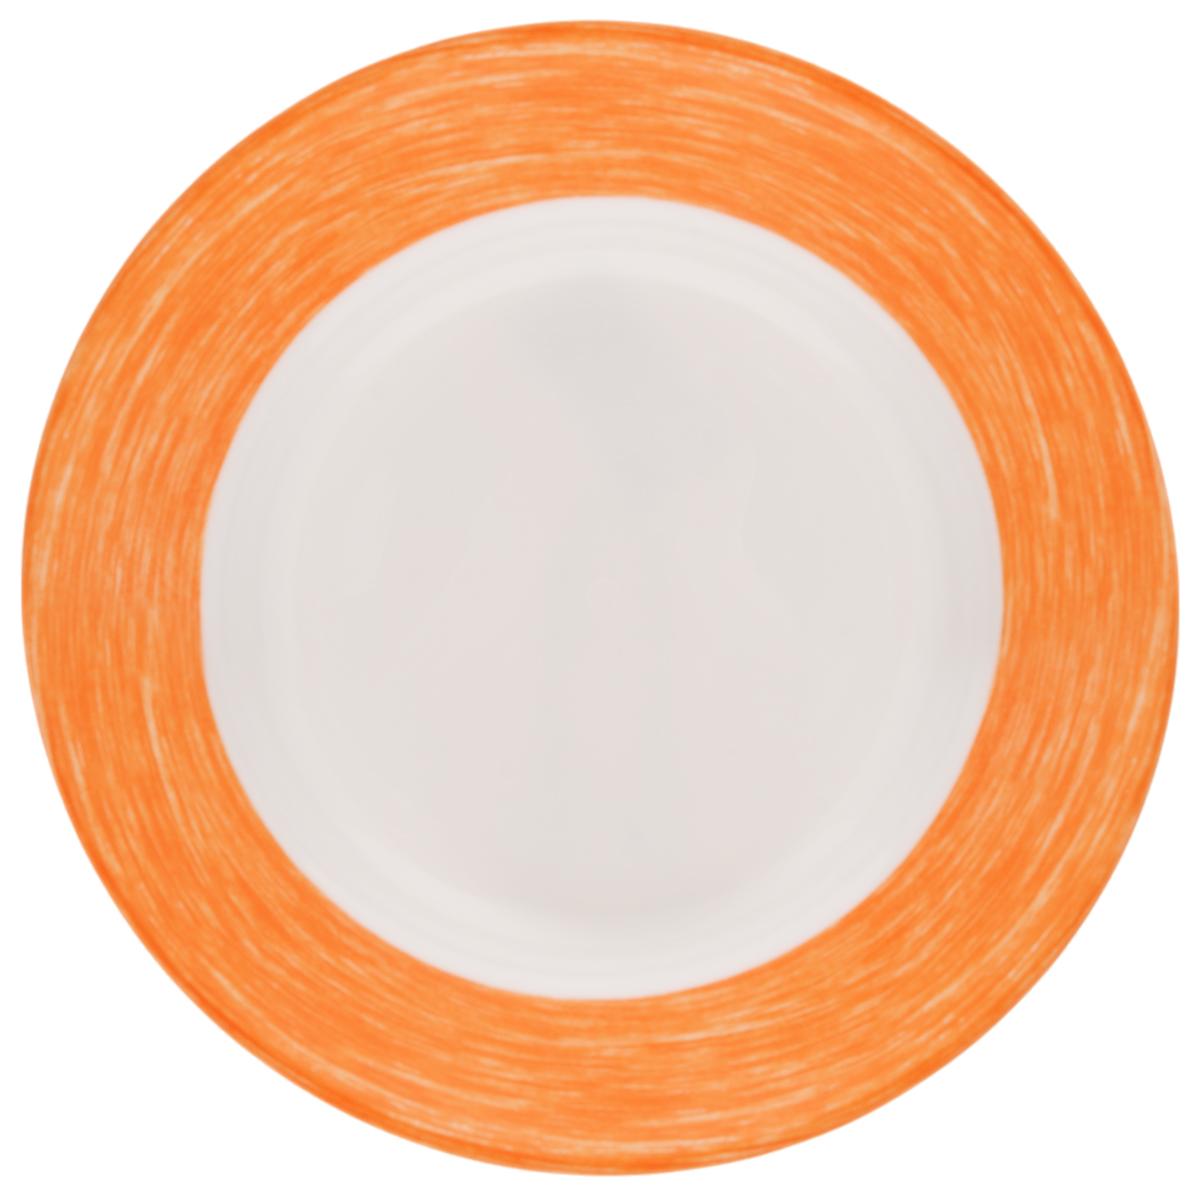 Тарелка глубокая Luminarc Color Days Orange, диаметр 22 смL1513Глубокая тарелка Luminarc Color Days Orange выполнена из ударопрочного стекла и имеет классическую круглую форму. Она прекрасно впишется в интерьер вашей кухни и станет достойным дополнением к кухонному инвентарю. Тарелка Luminarc Color Days Orange подчеркнет прекрасный вкус хозяйки и станет отличным подарком. Диаметр тарелки (по верхнему краю): 22 см.